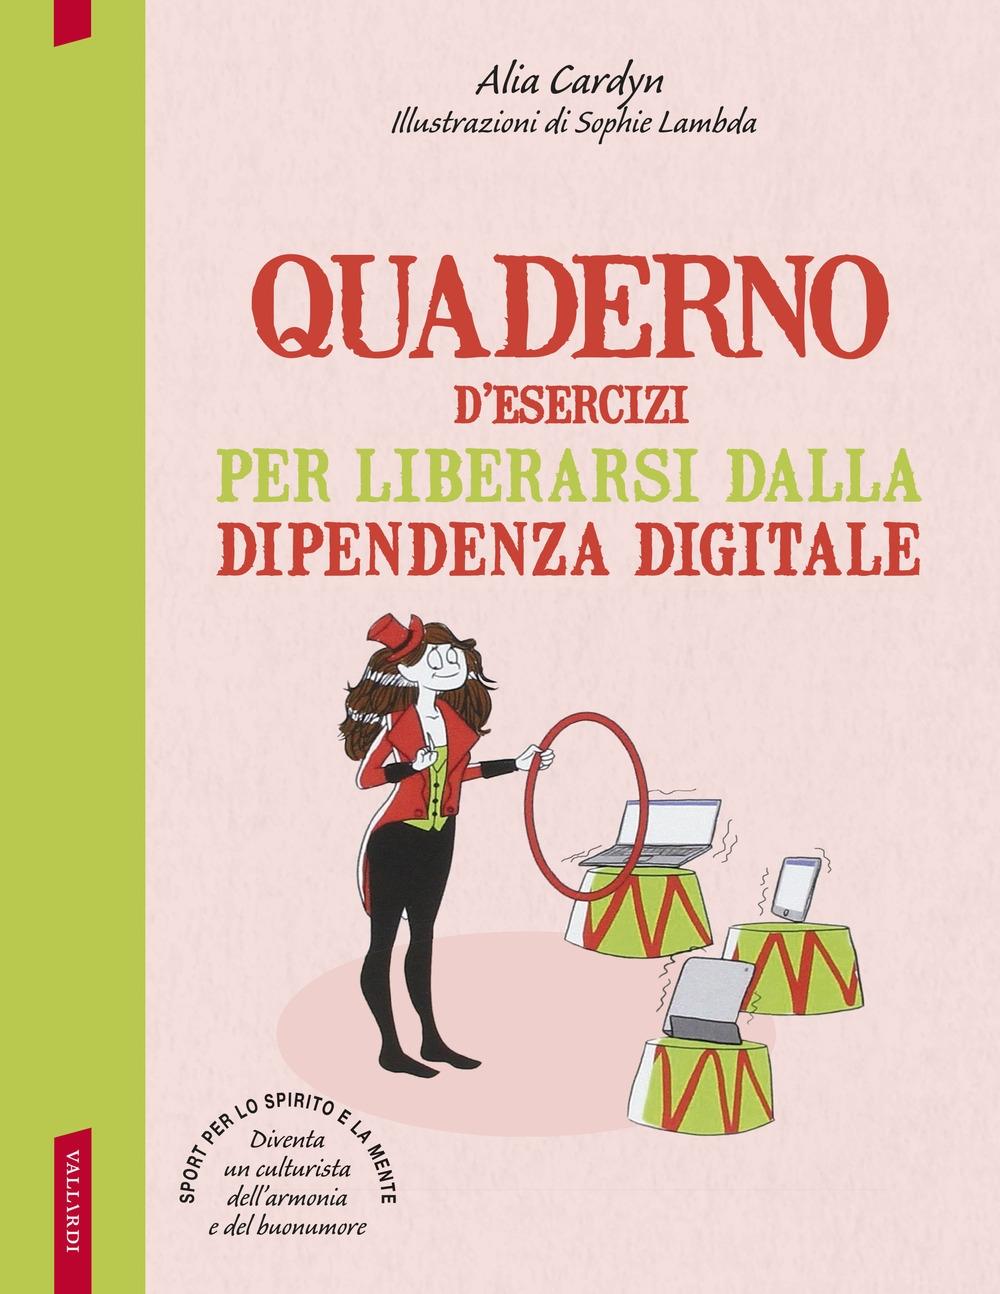 Quaderno d'esercizi per liberarsi dalla dipendenza digitale.